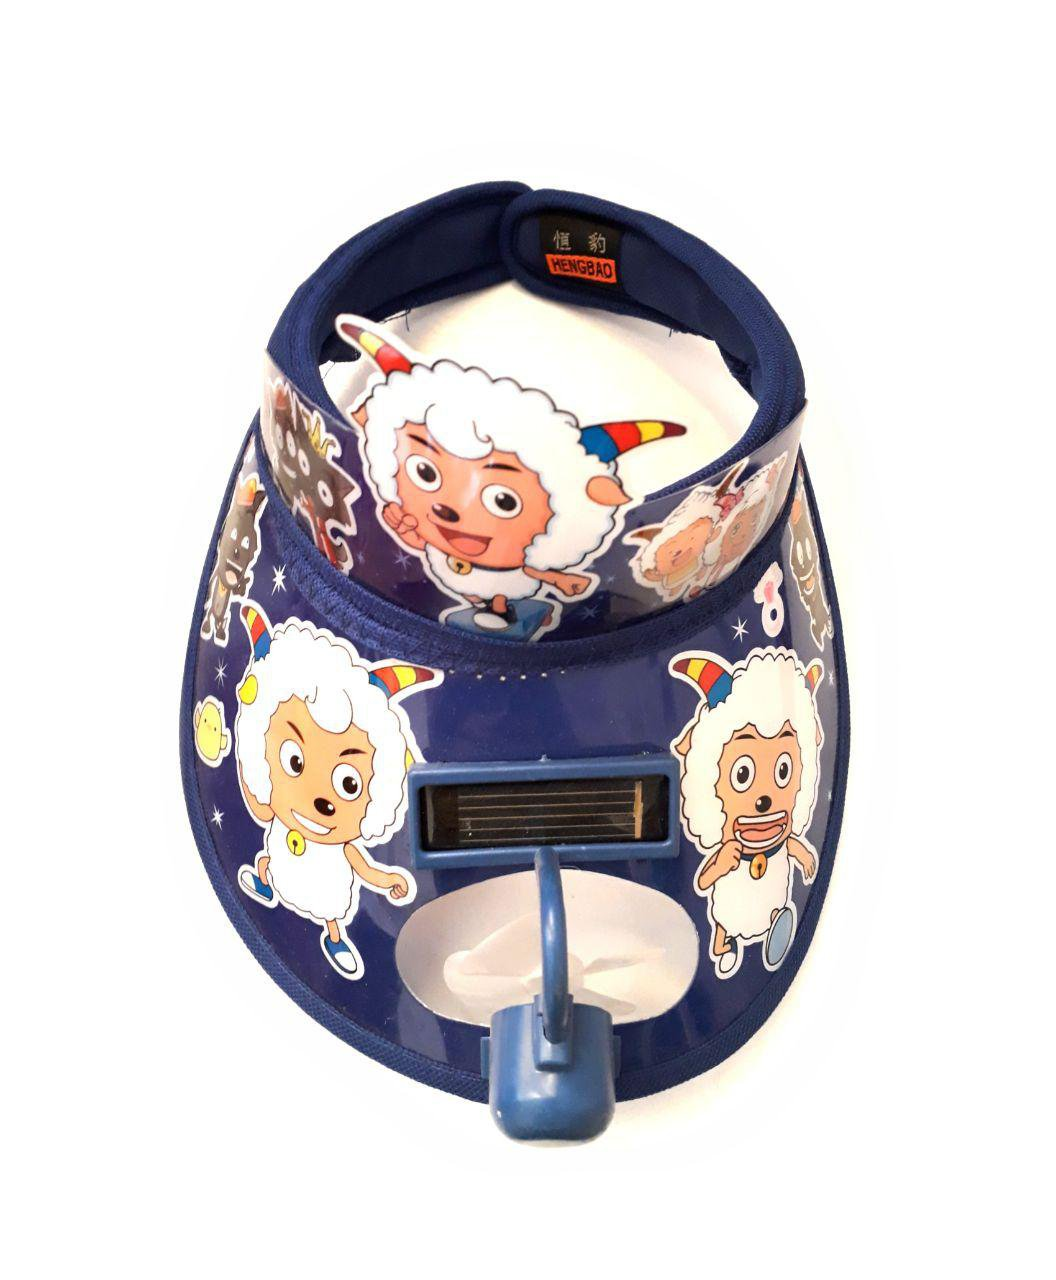 کلاه لبه دار تابستانی بچه گانه دارای فن با باتری خورشیدی